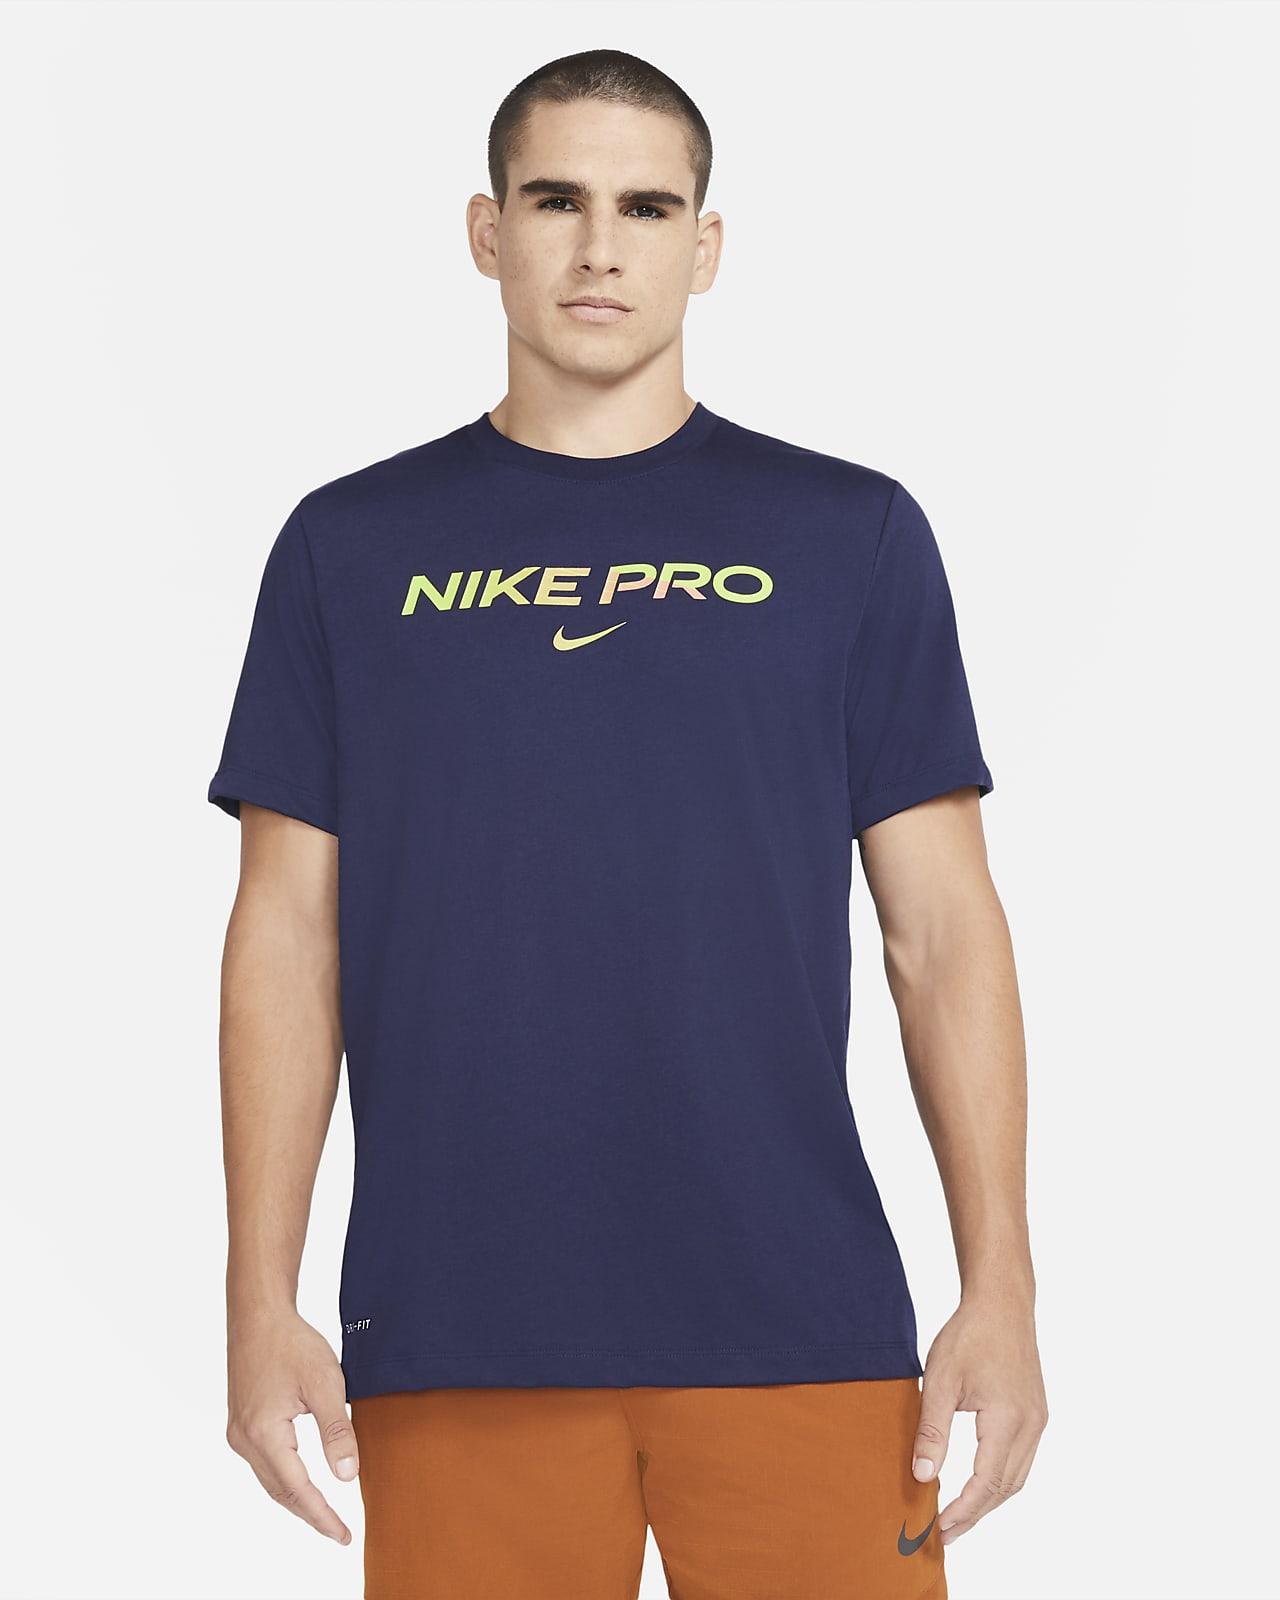 Nike Pro Erkek Tişörtü